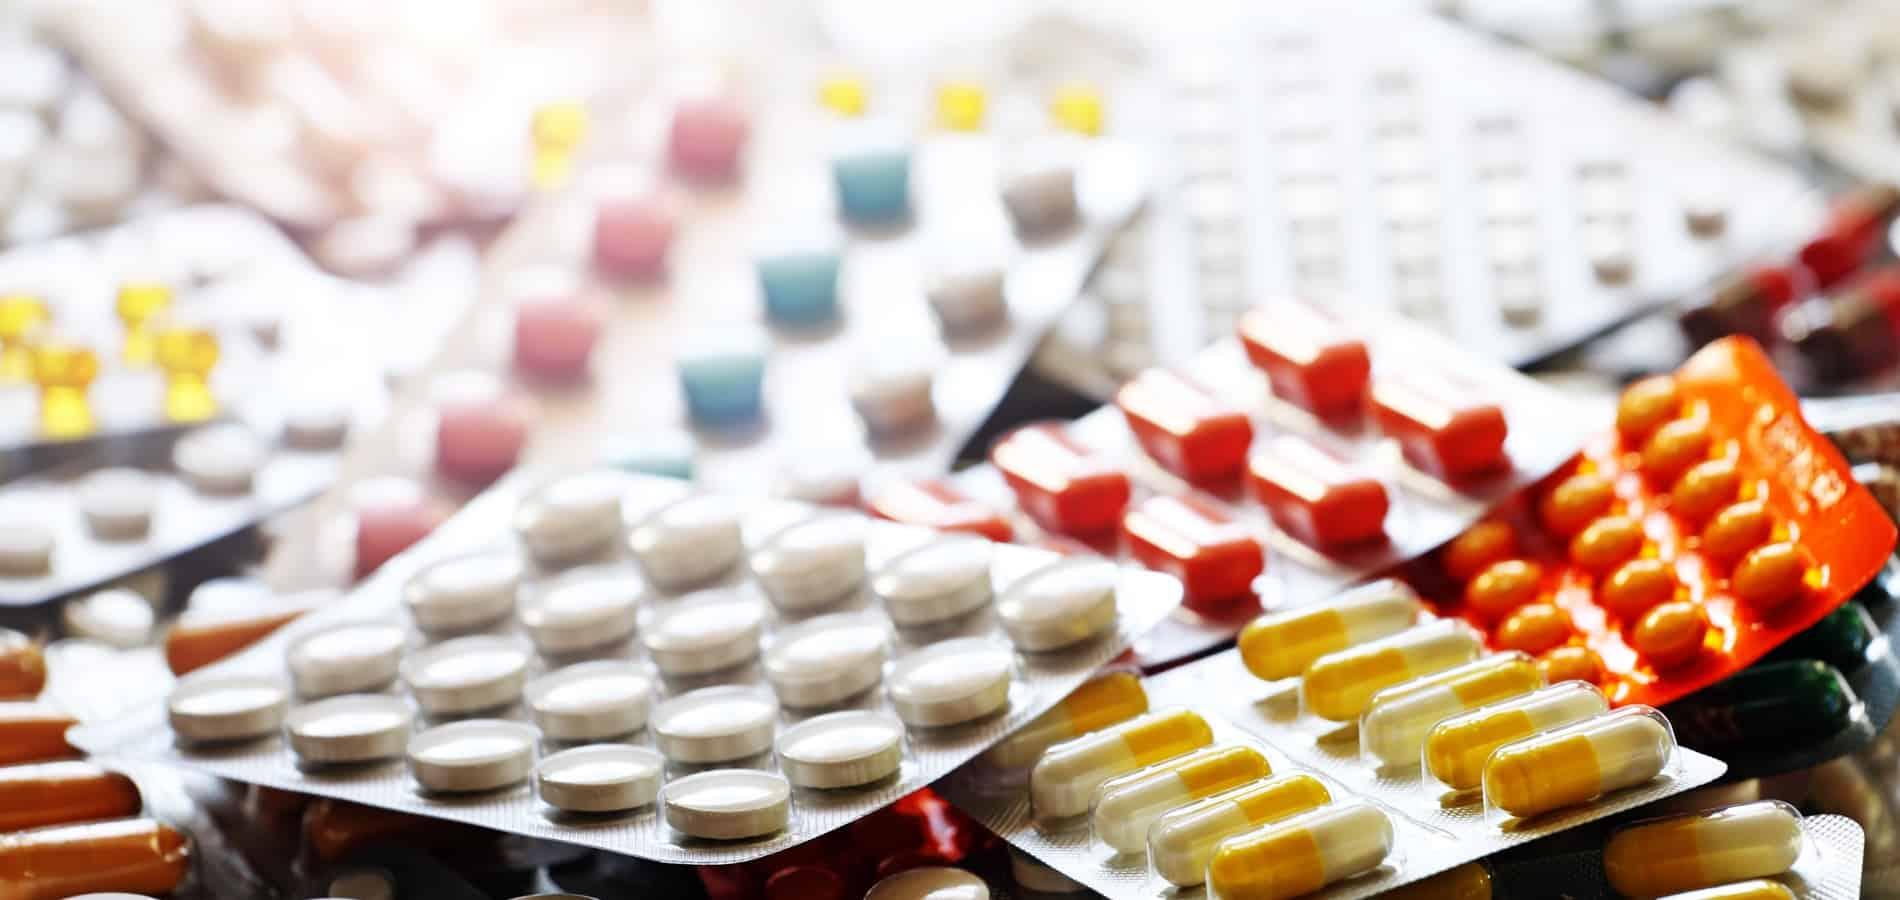 Ecopuro Thermoplastics Medical prescription drugs